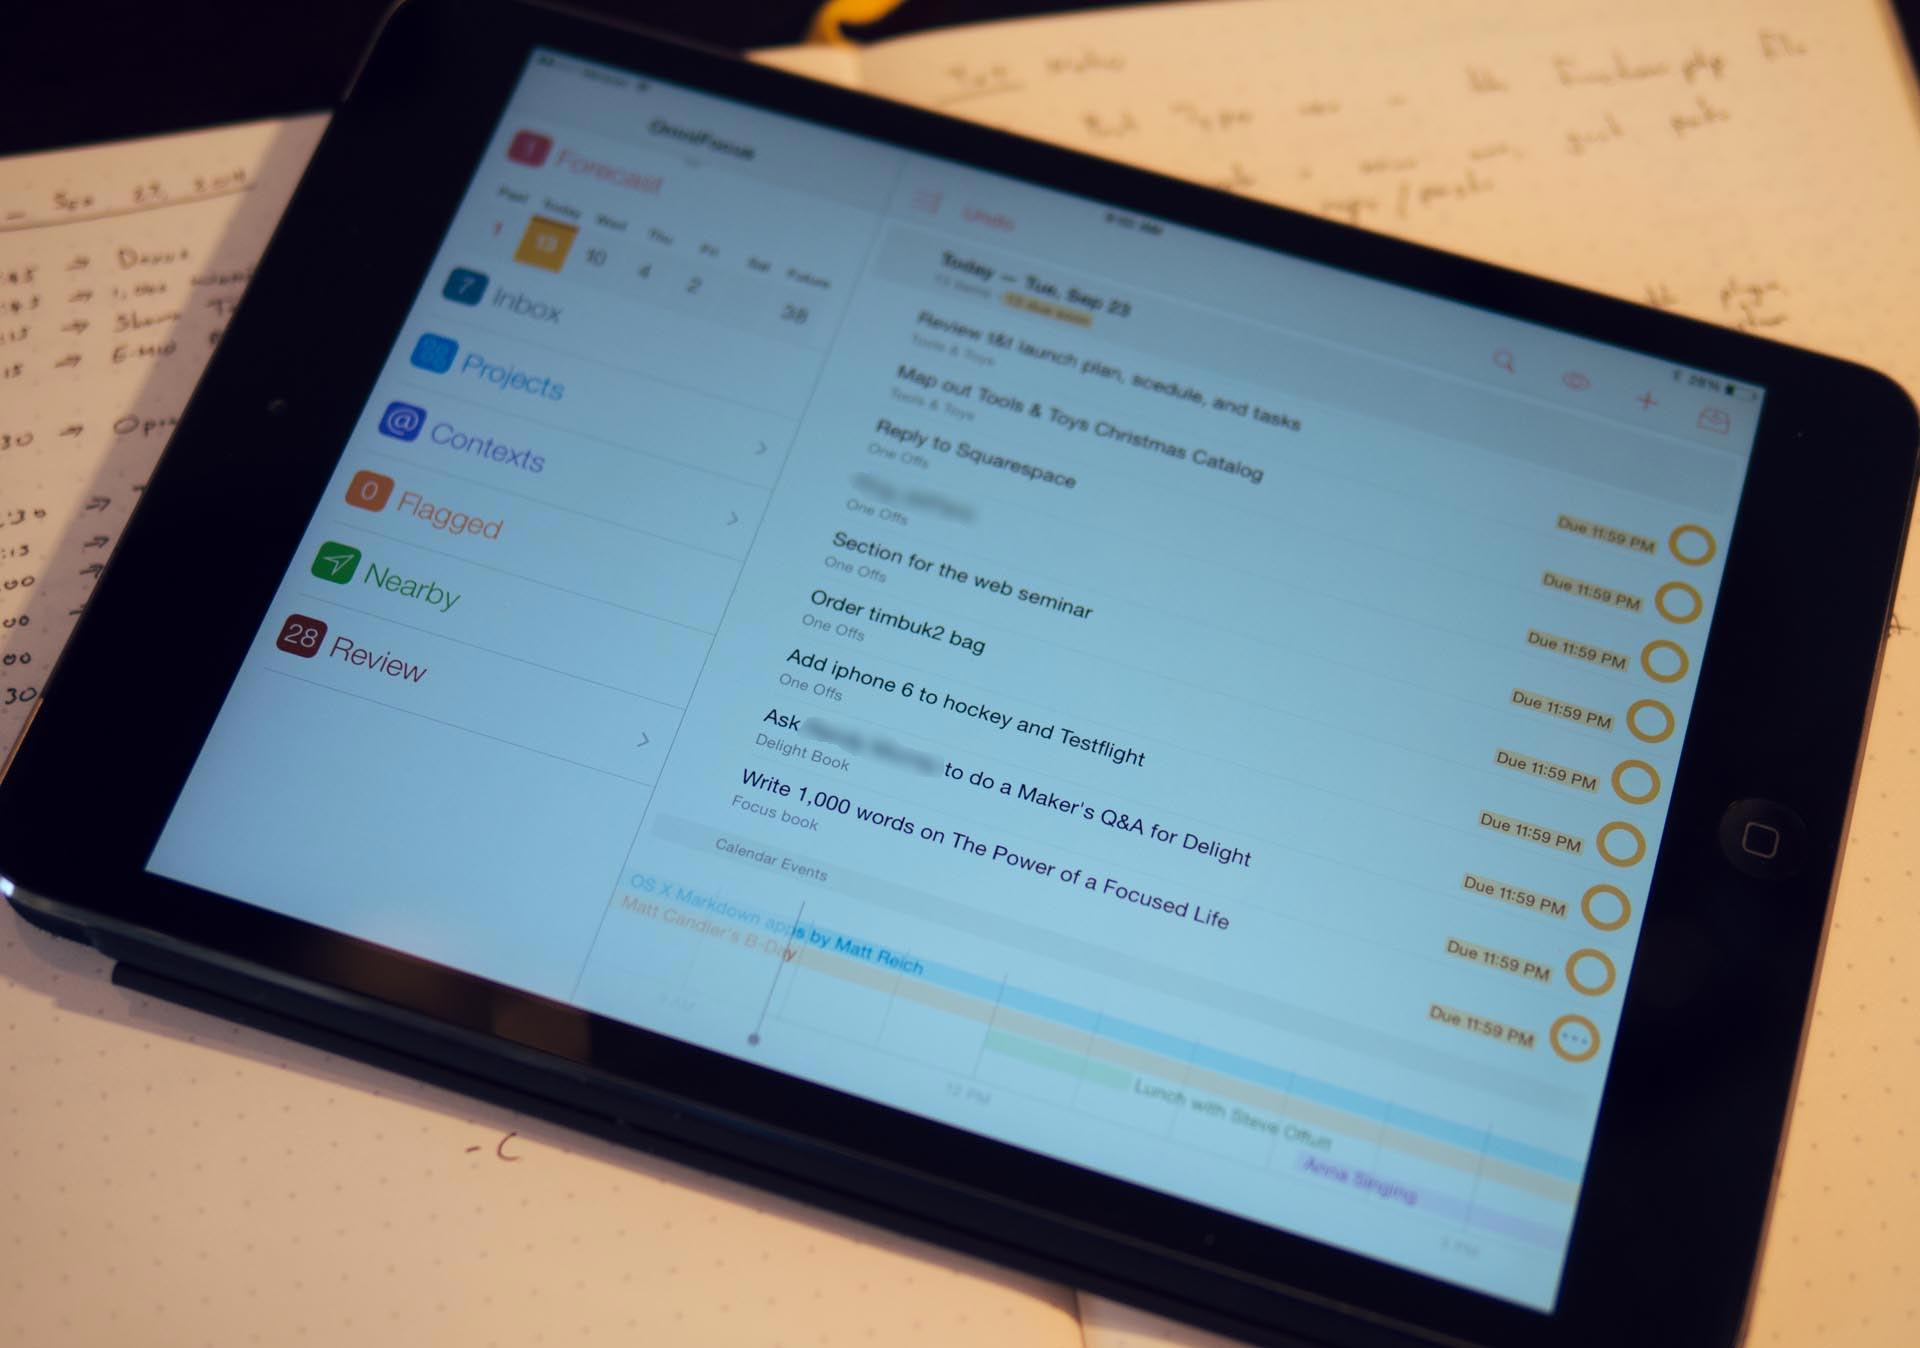 OmniFocus 2 for iPad